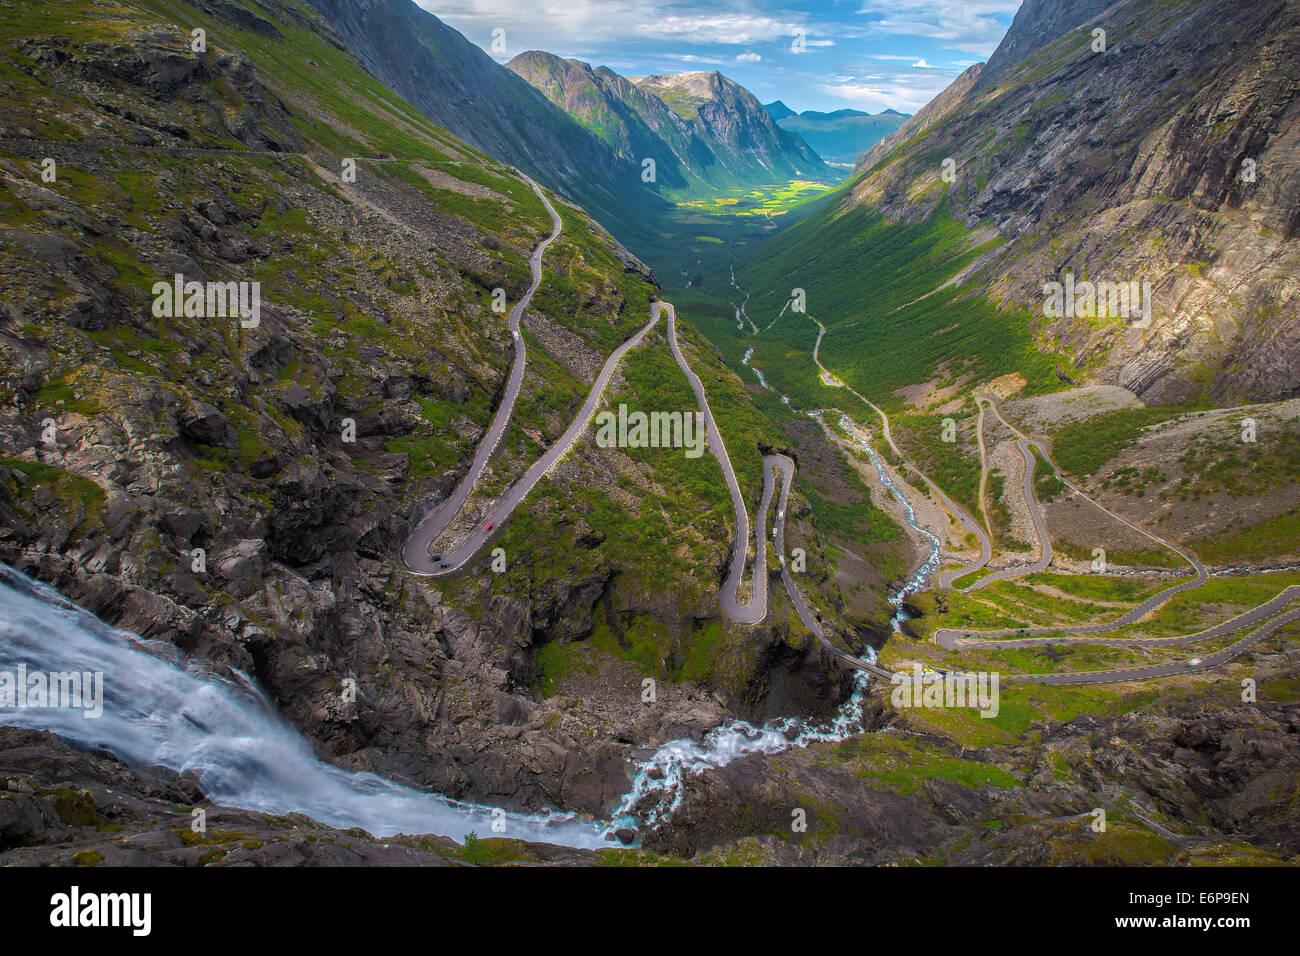 Trollstigen in Norway - Stock Image